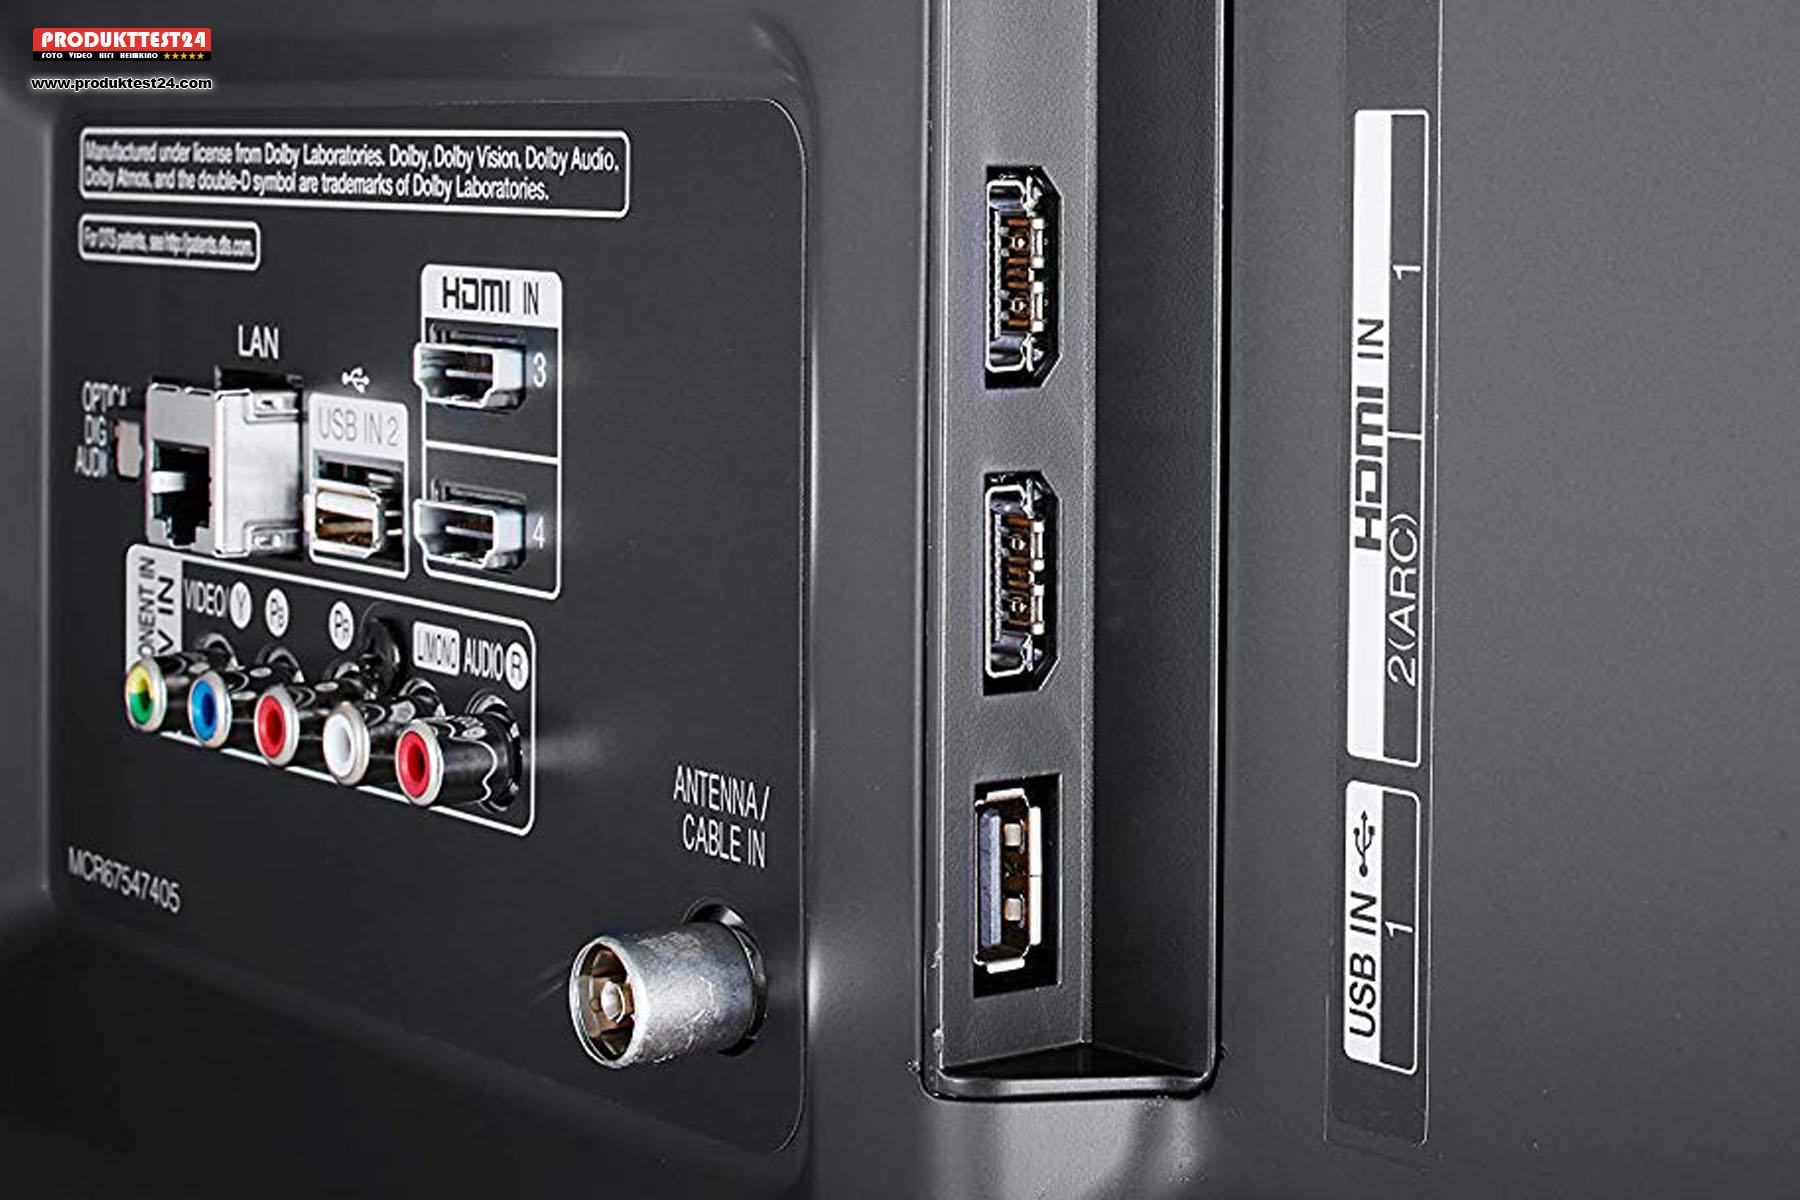 4x HDMI 2.0, zwei USB, einen optischen Digitalausgang sowie einen analogen AV-Anschlus